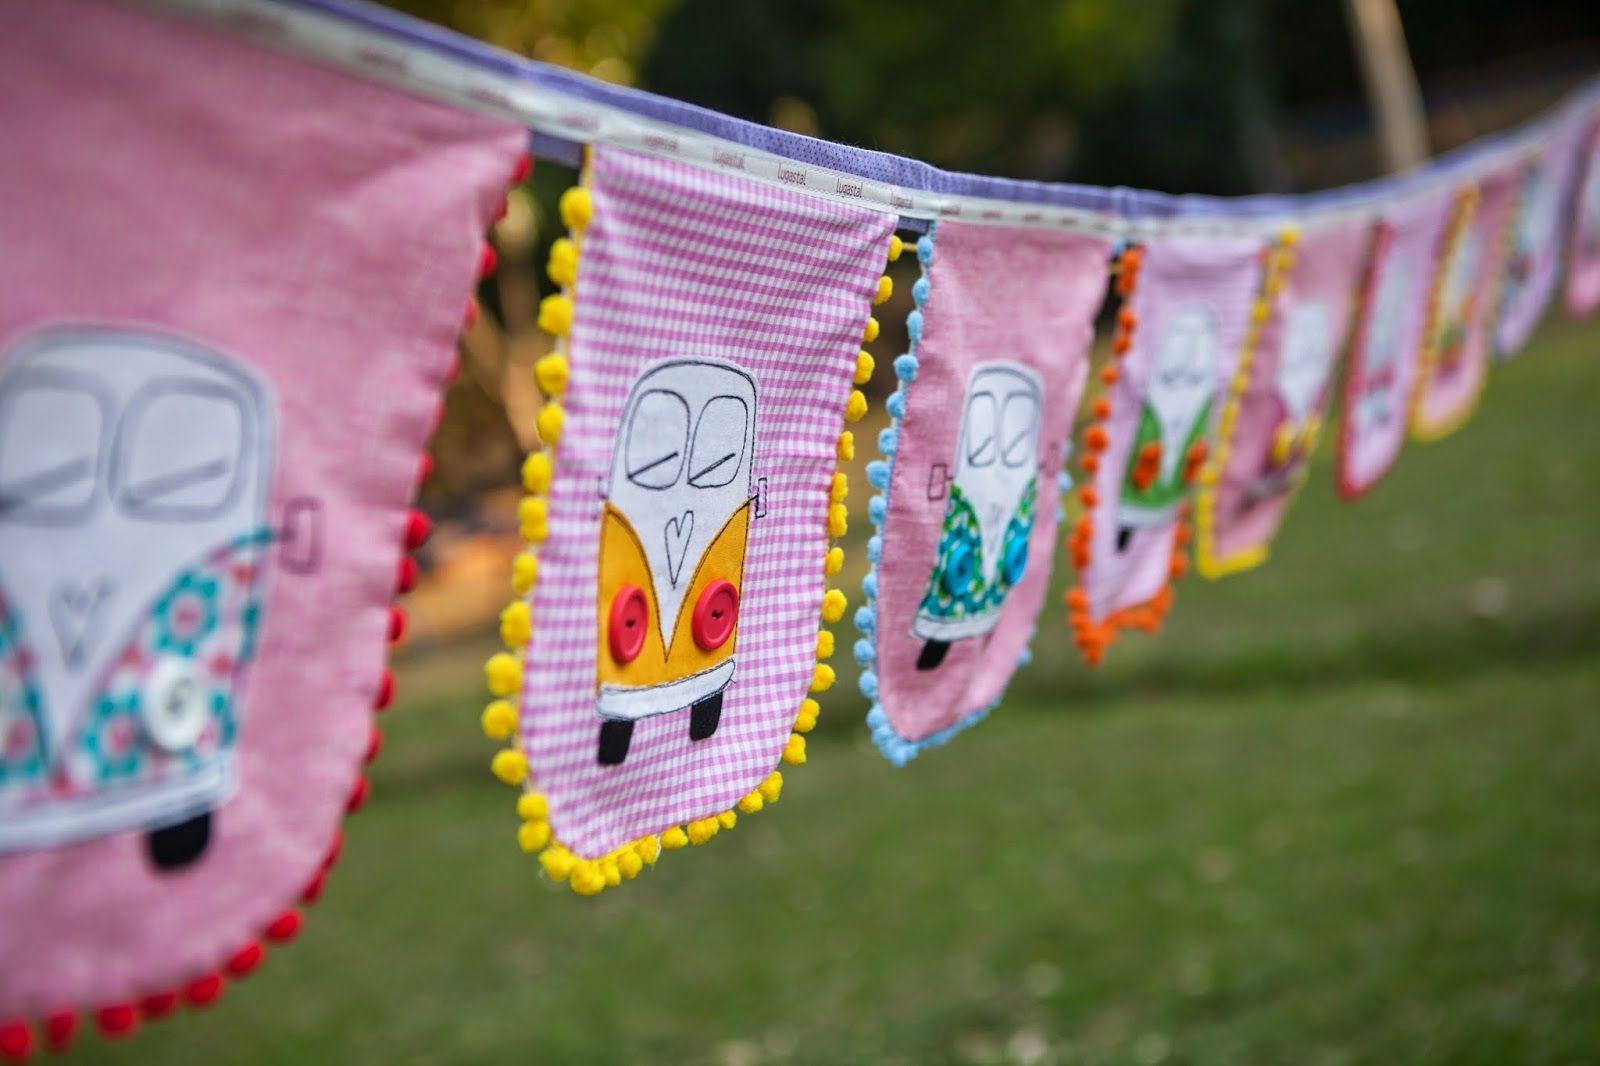 bandeirolas em tecido para decoração